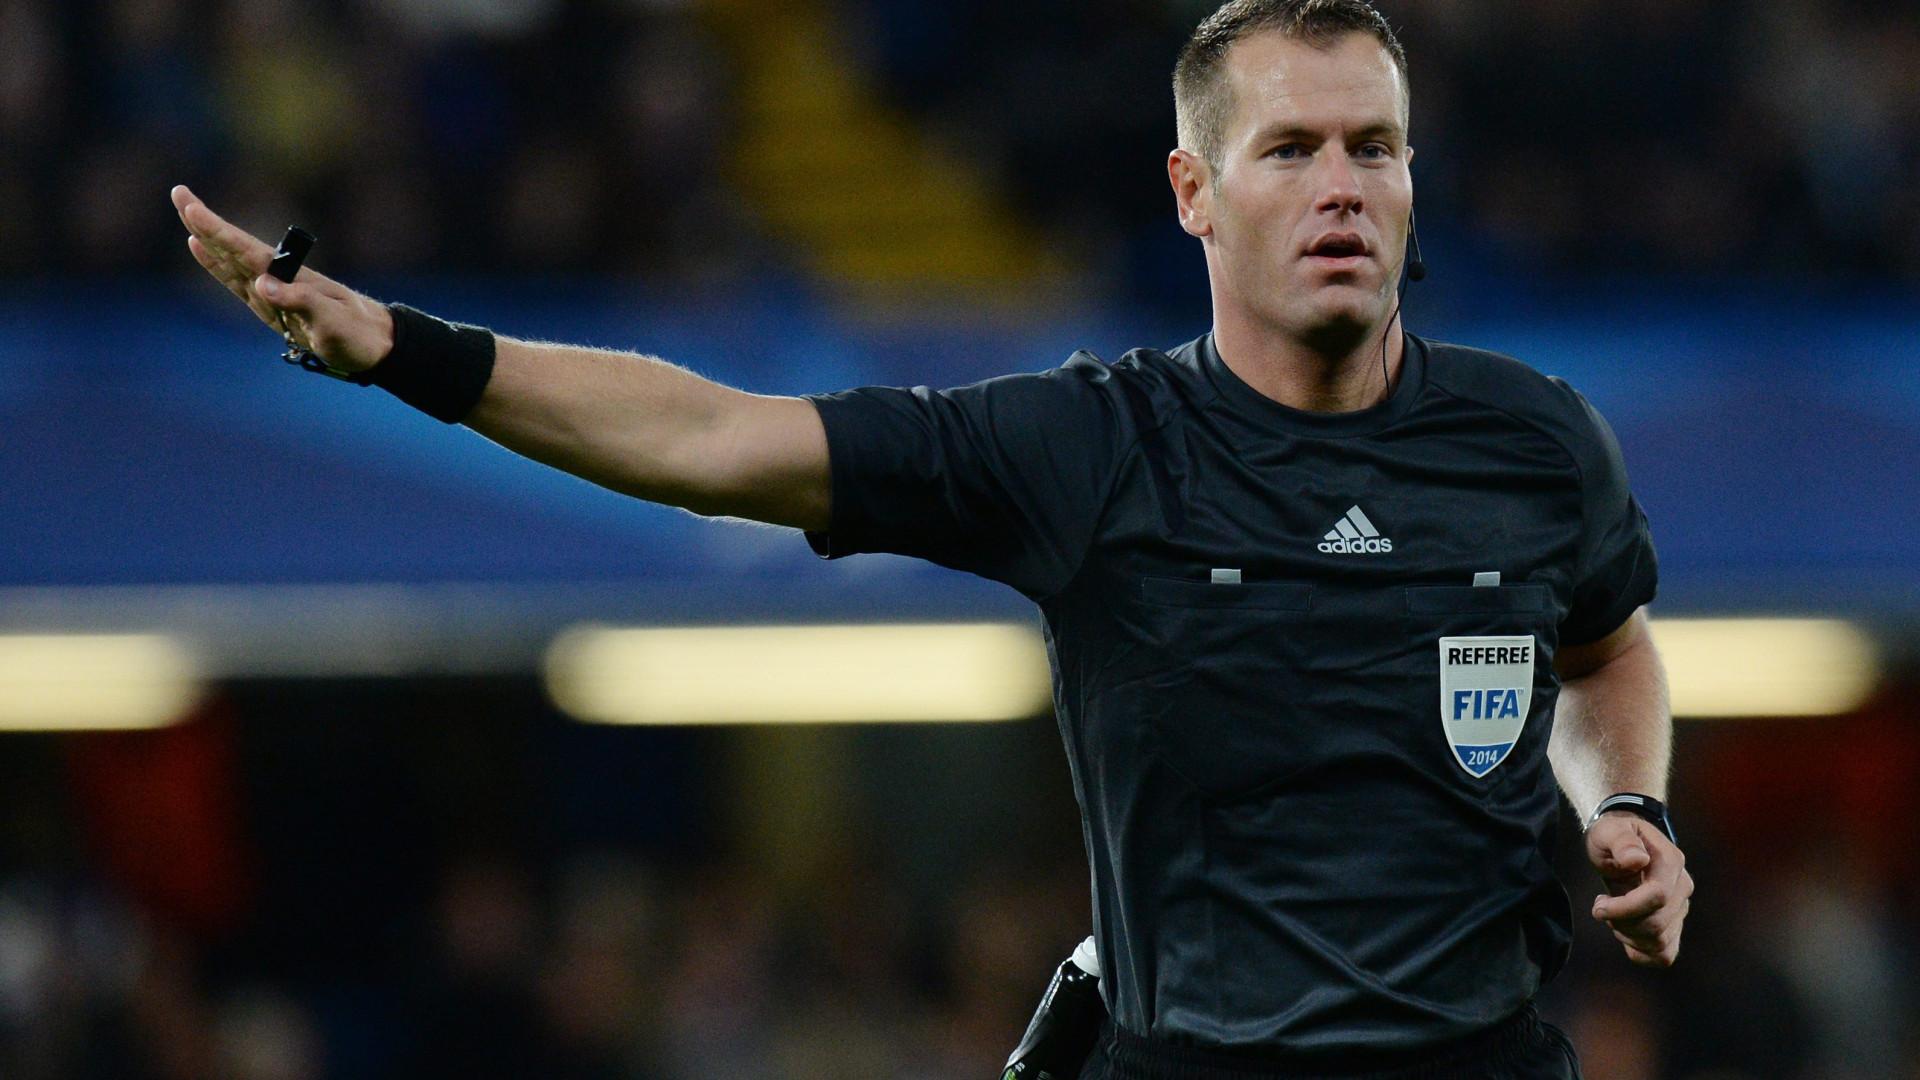 Já é conhecido o árbitro do embate entre Portugal e a Itália